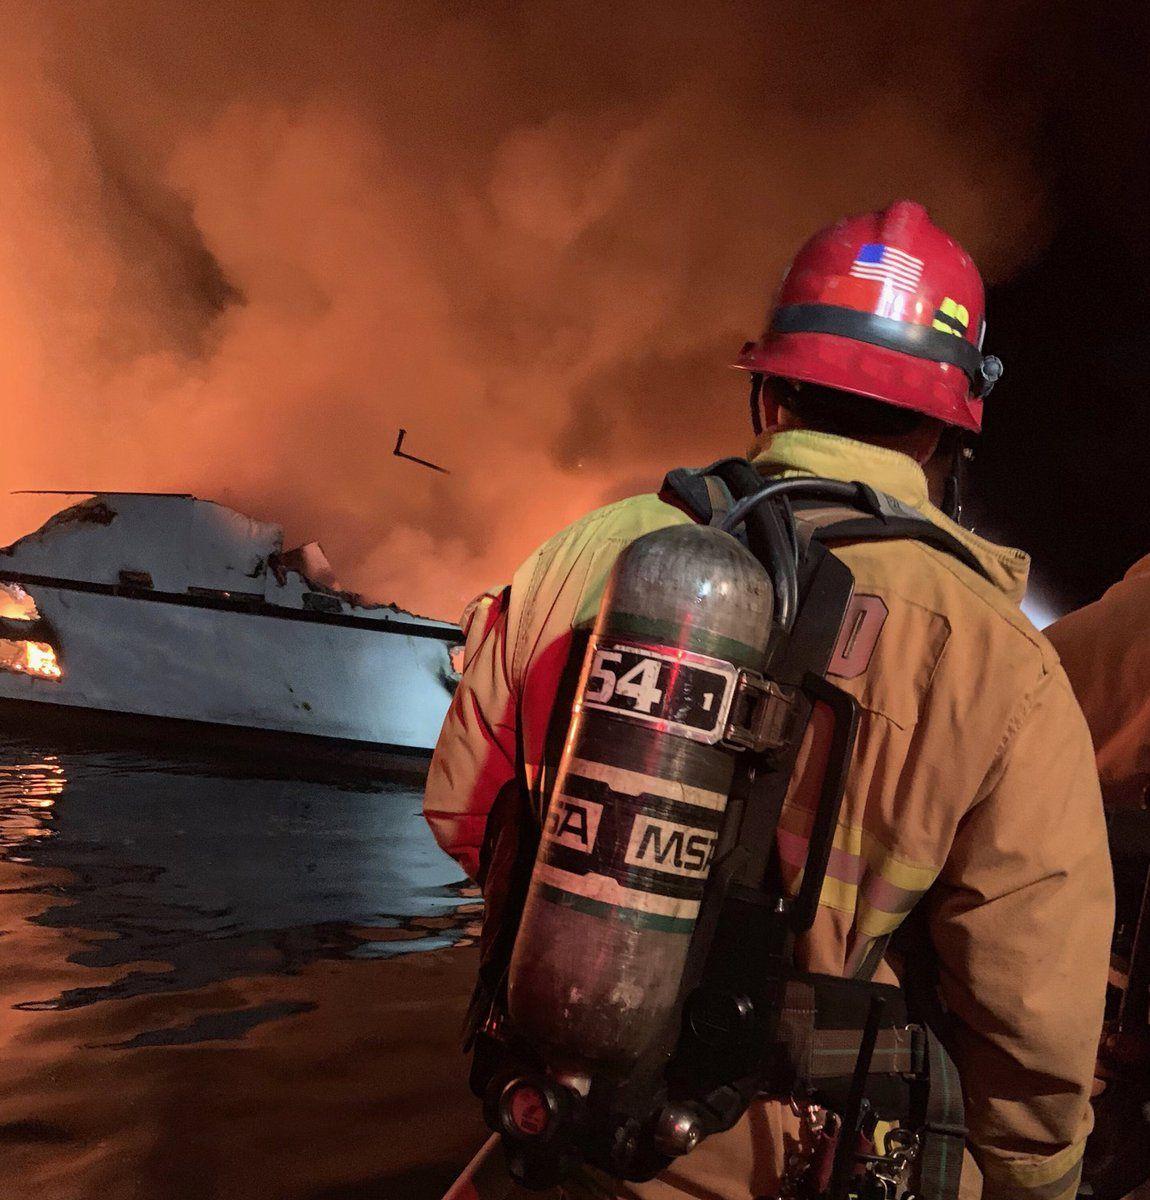 (foto: Departamento de Bomberos del condado de Ventura)